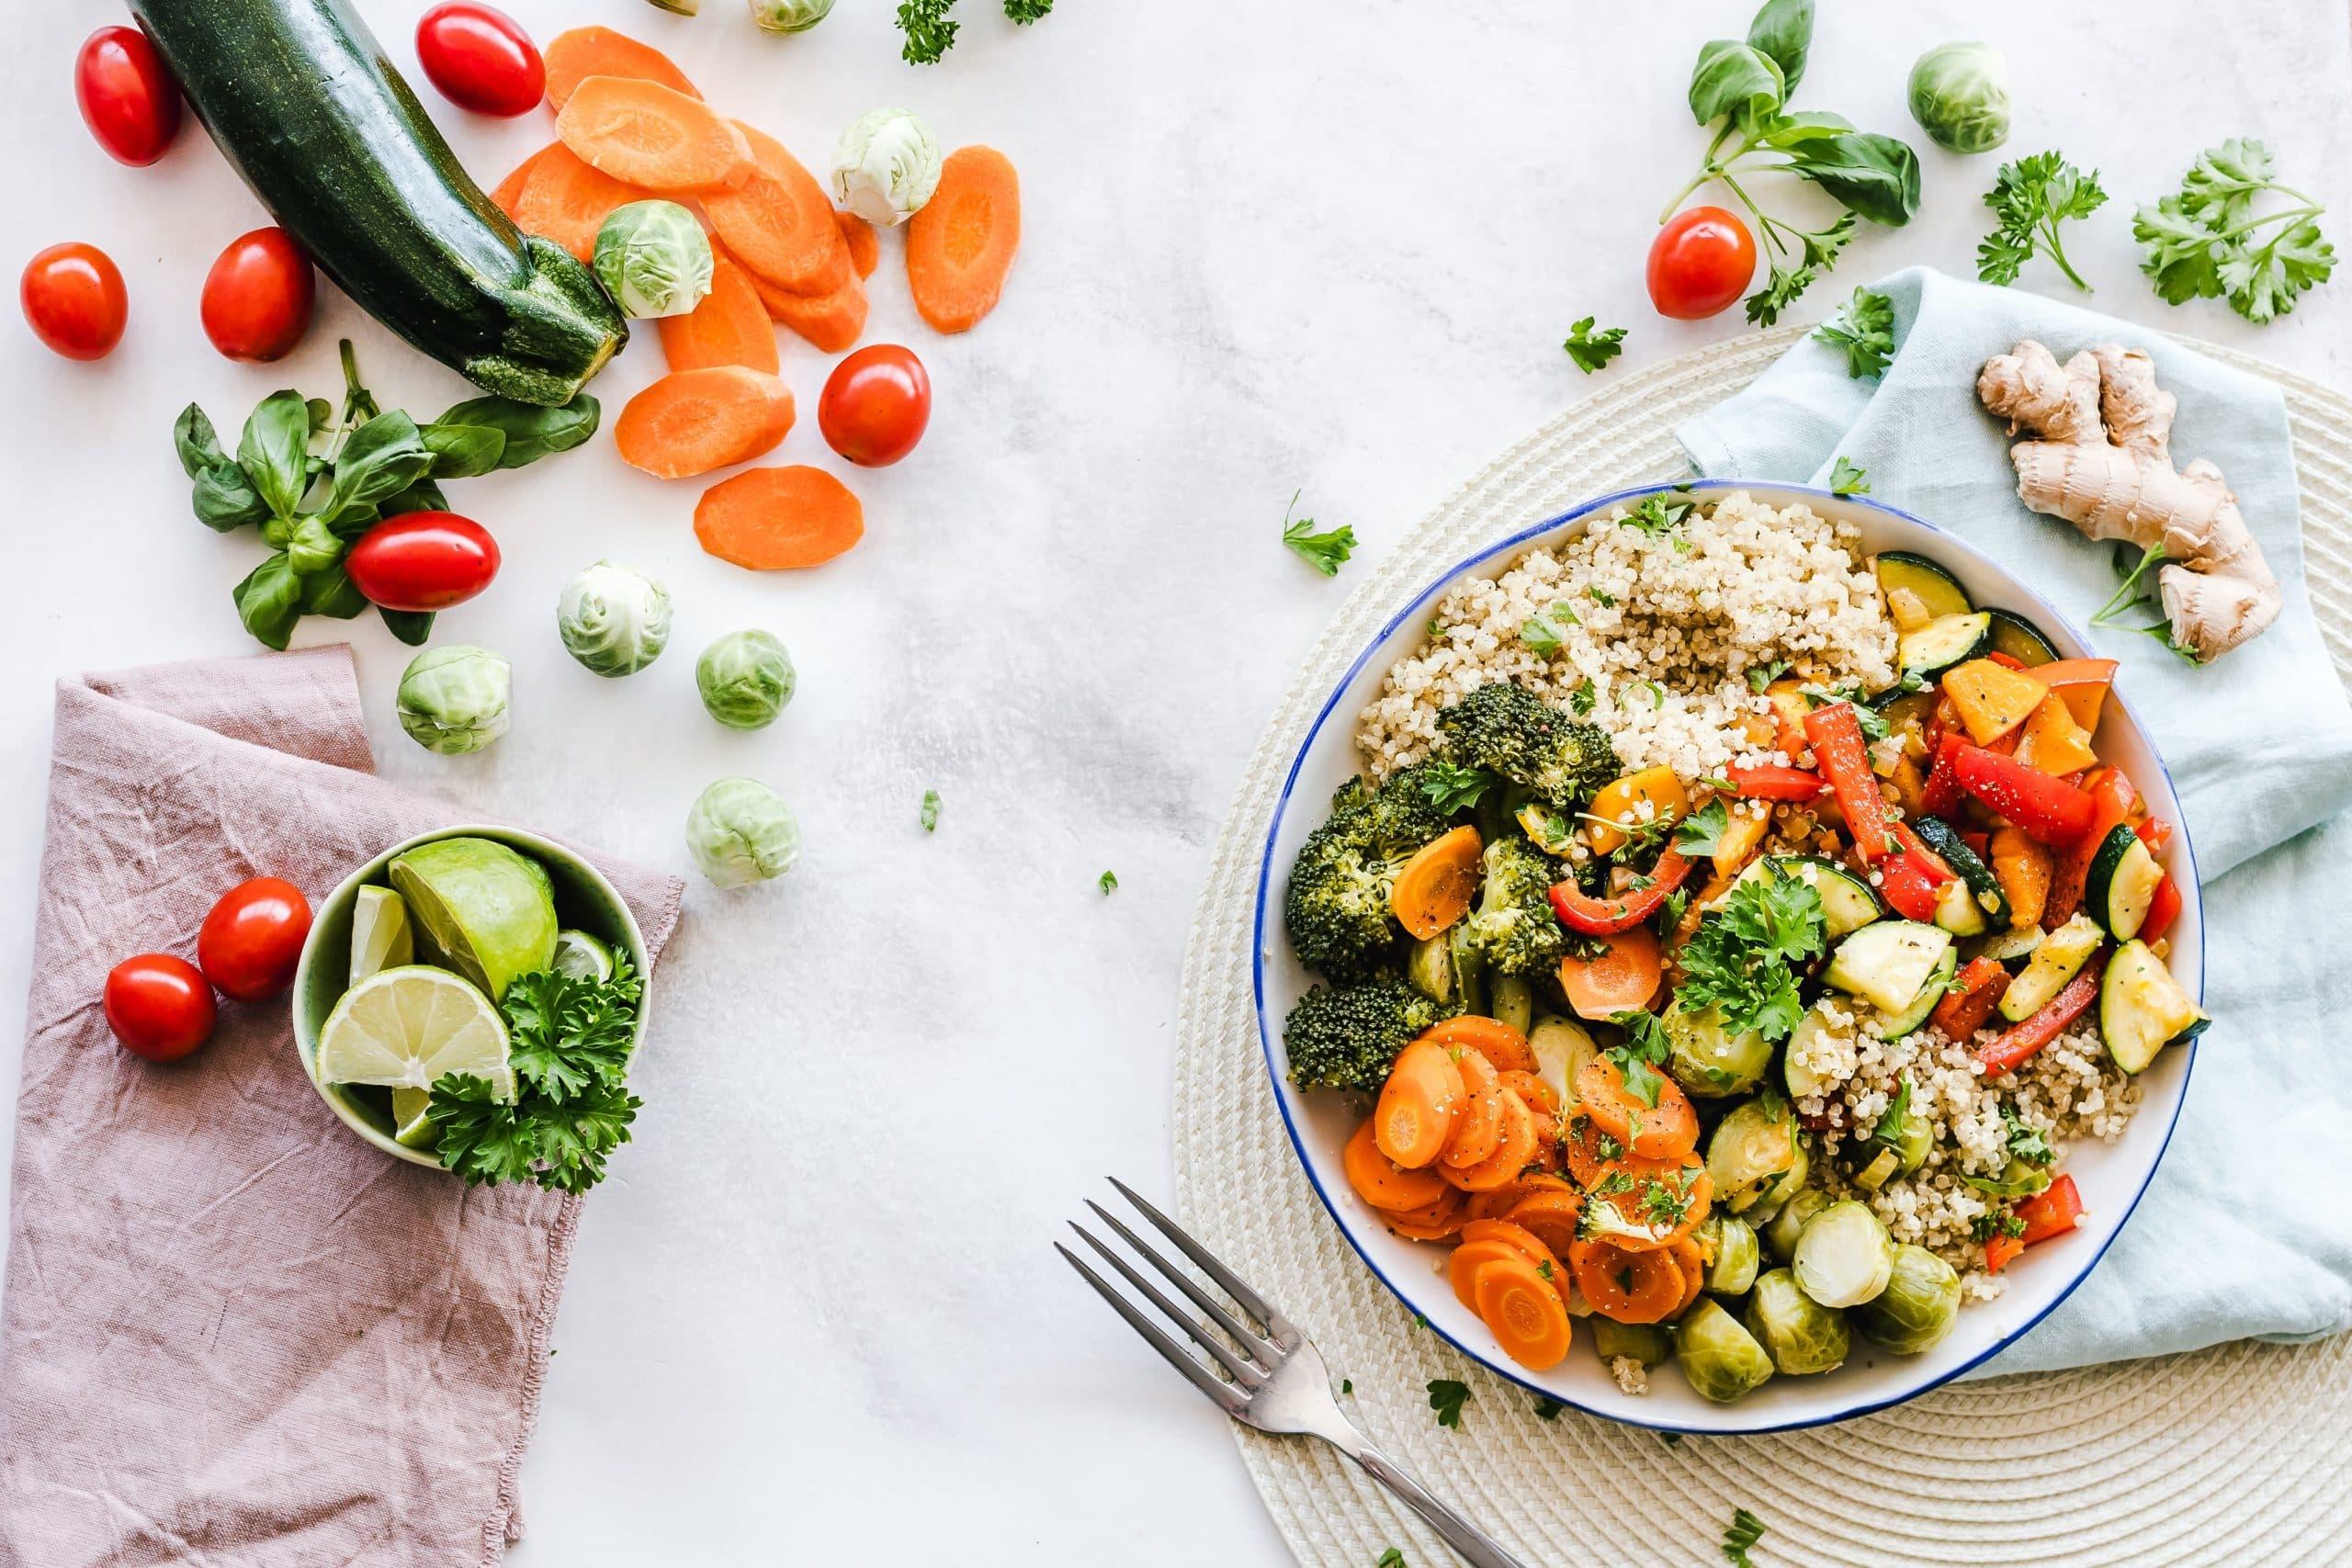 Fotografia de um prato de comida colorido para ilustração do item